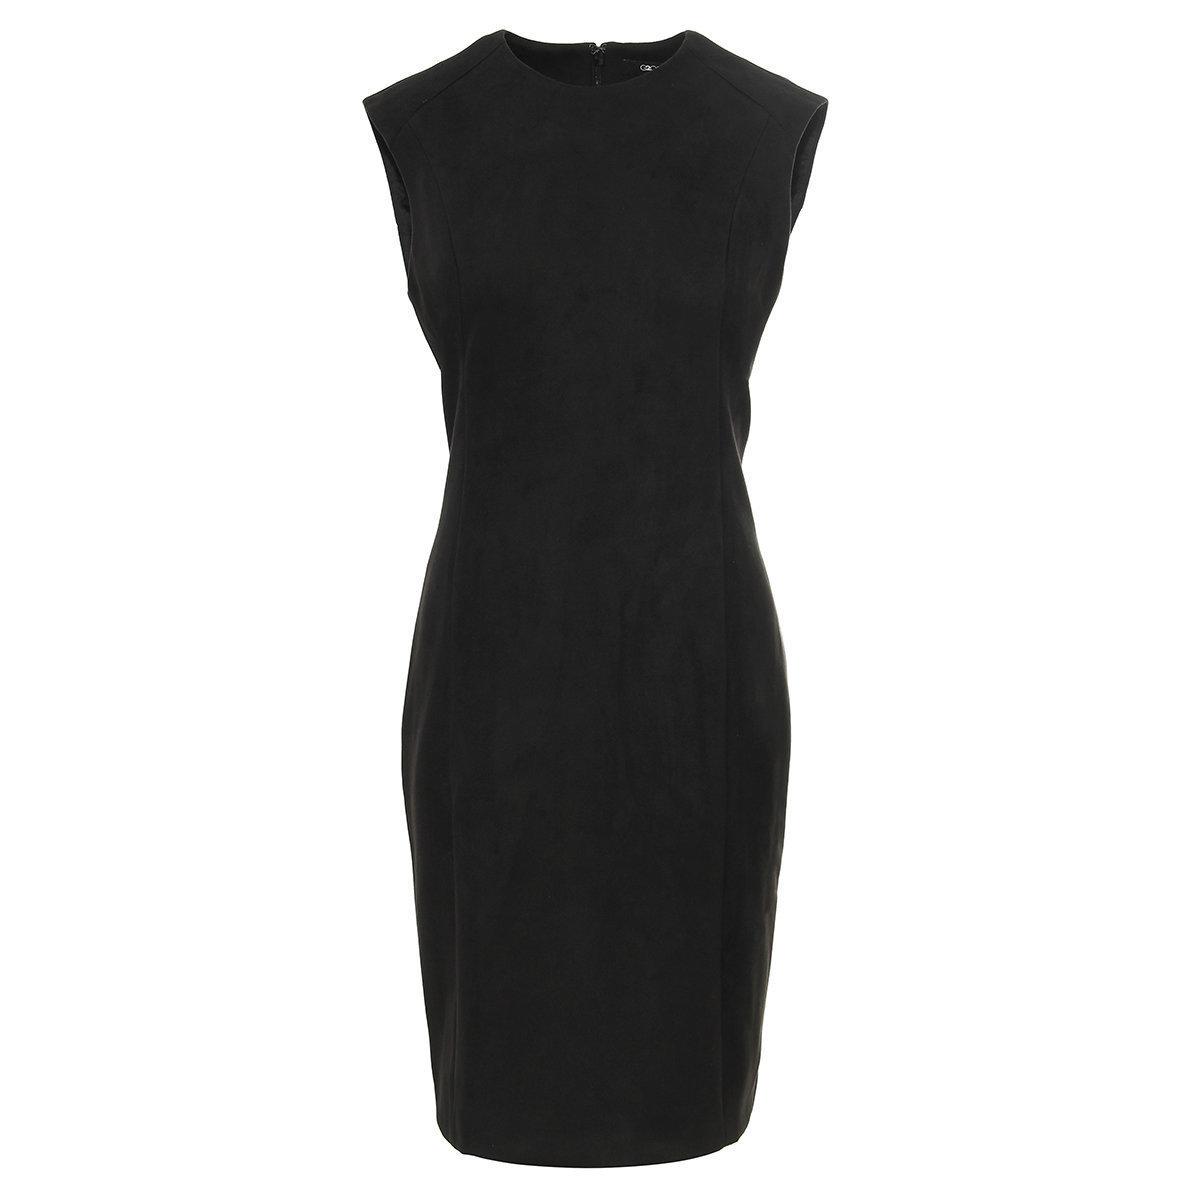 WOMEN'S SUEDE DRESS (Black)